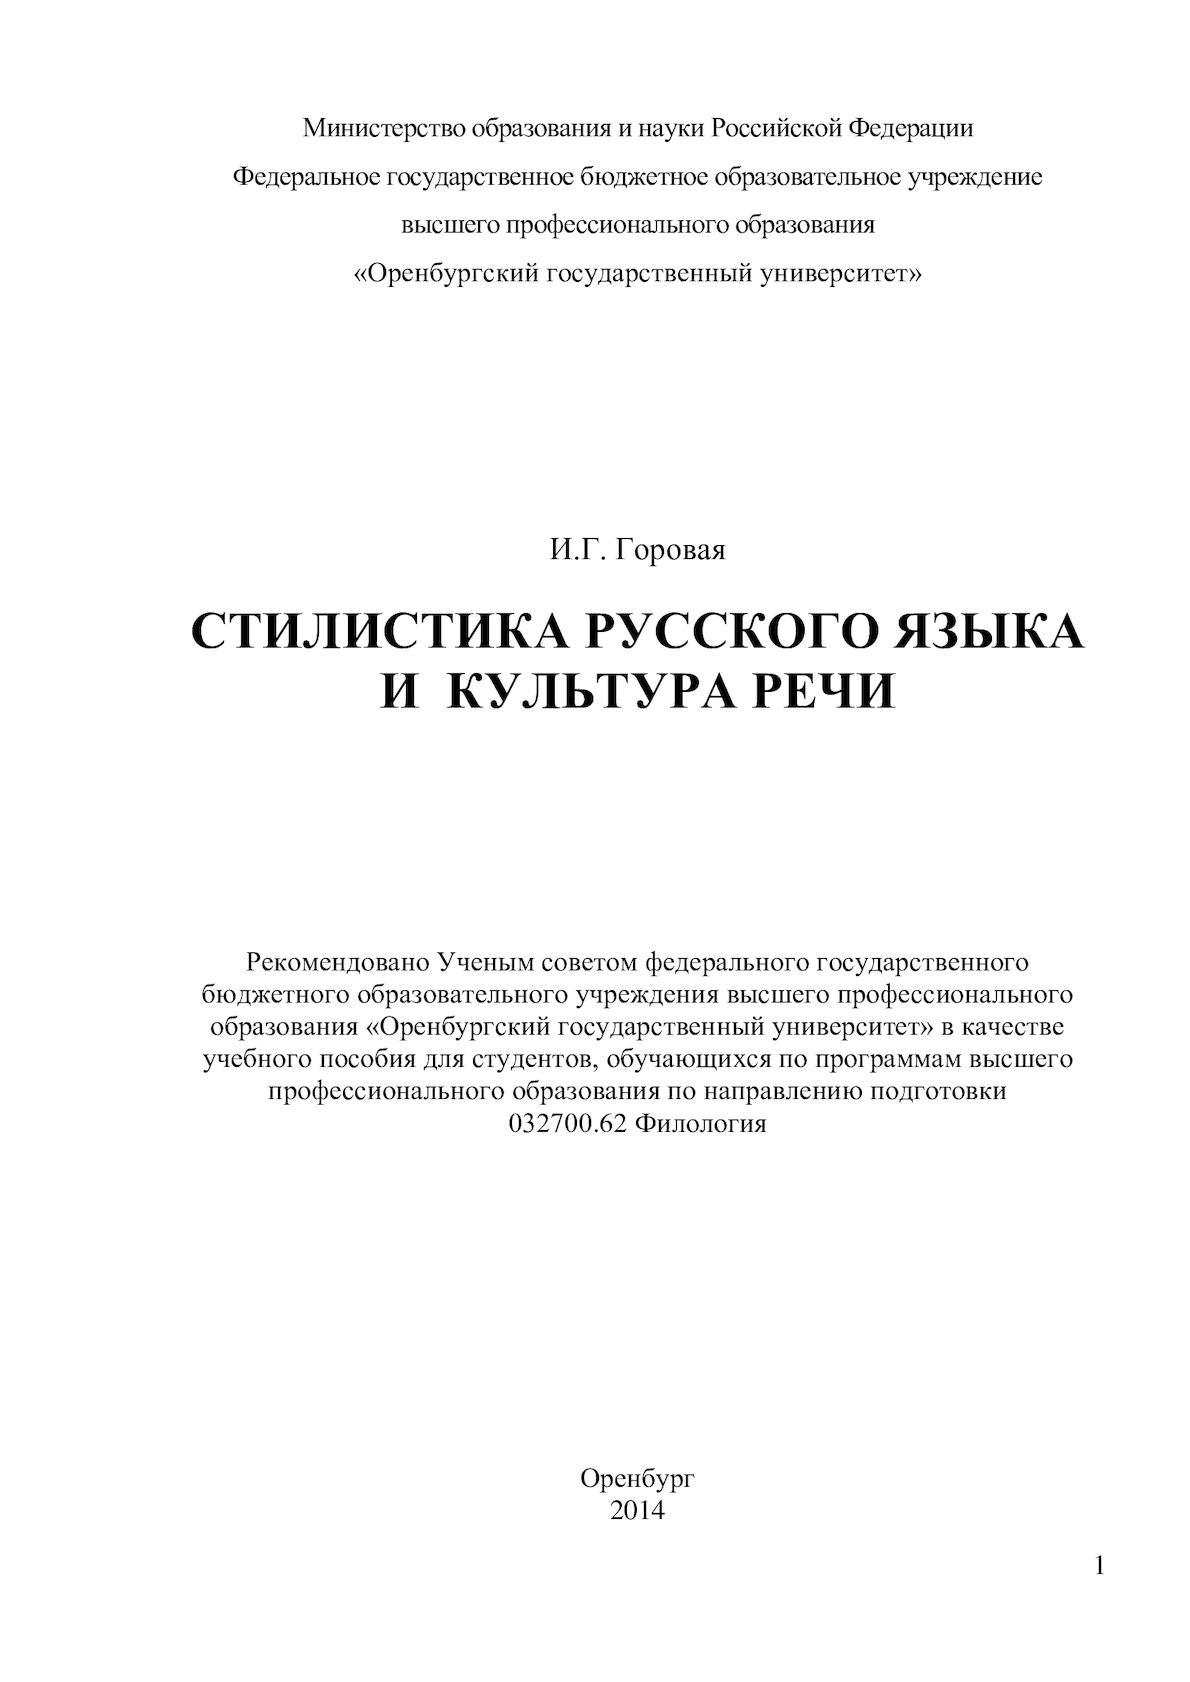 Голуб стилистика русского языка скачать pdf